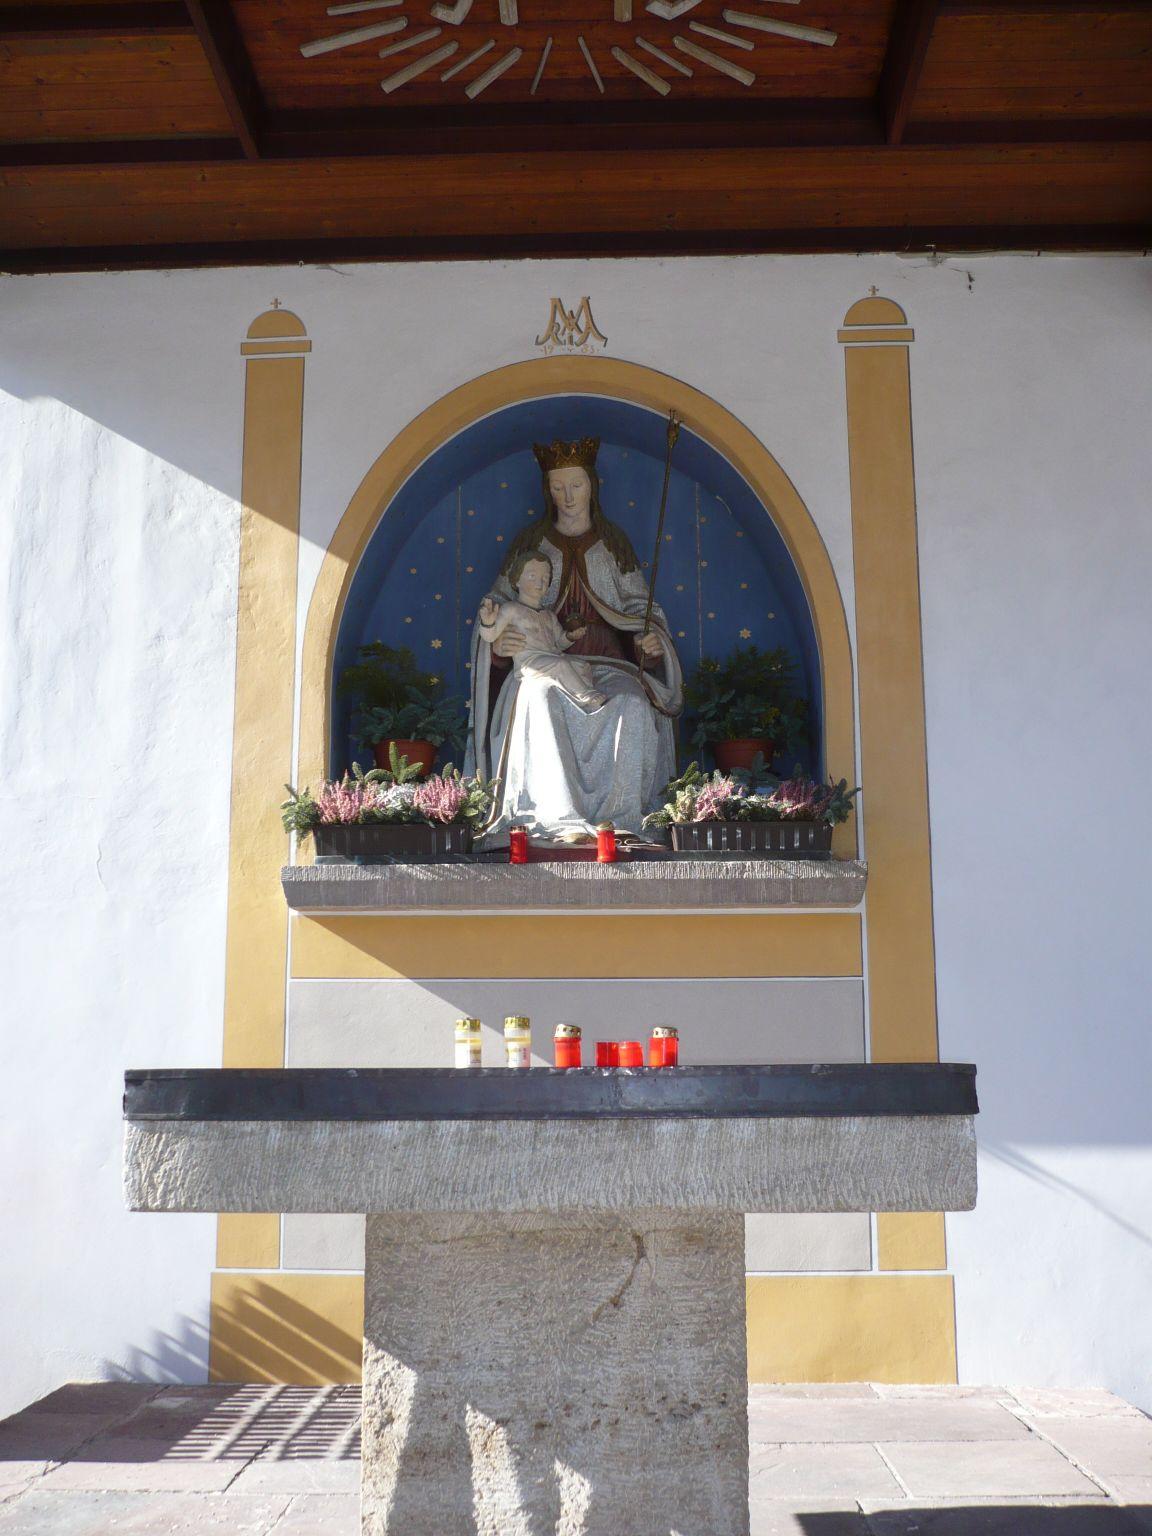 سياحة دينية ـديـــر ماريـــا آيـــش 102536156